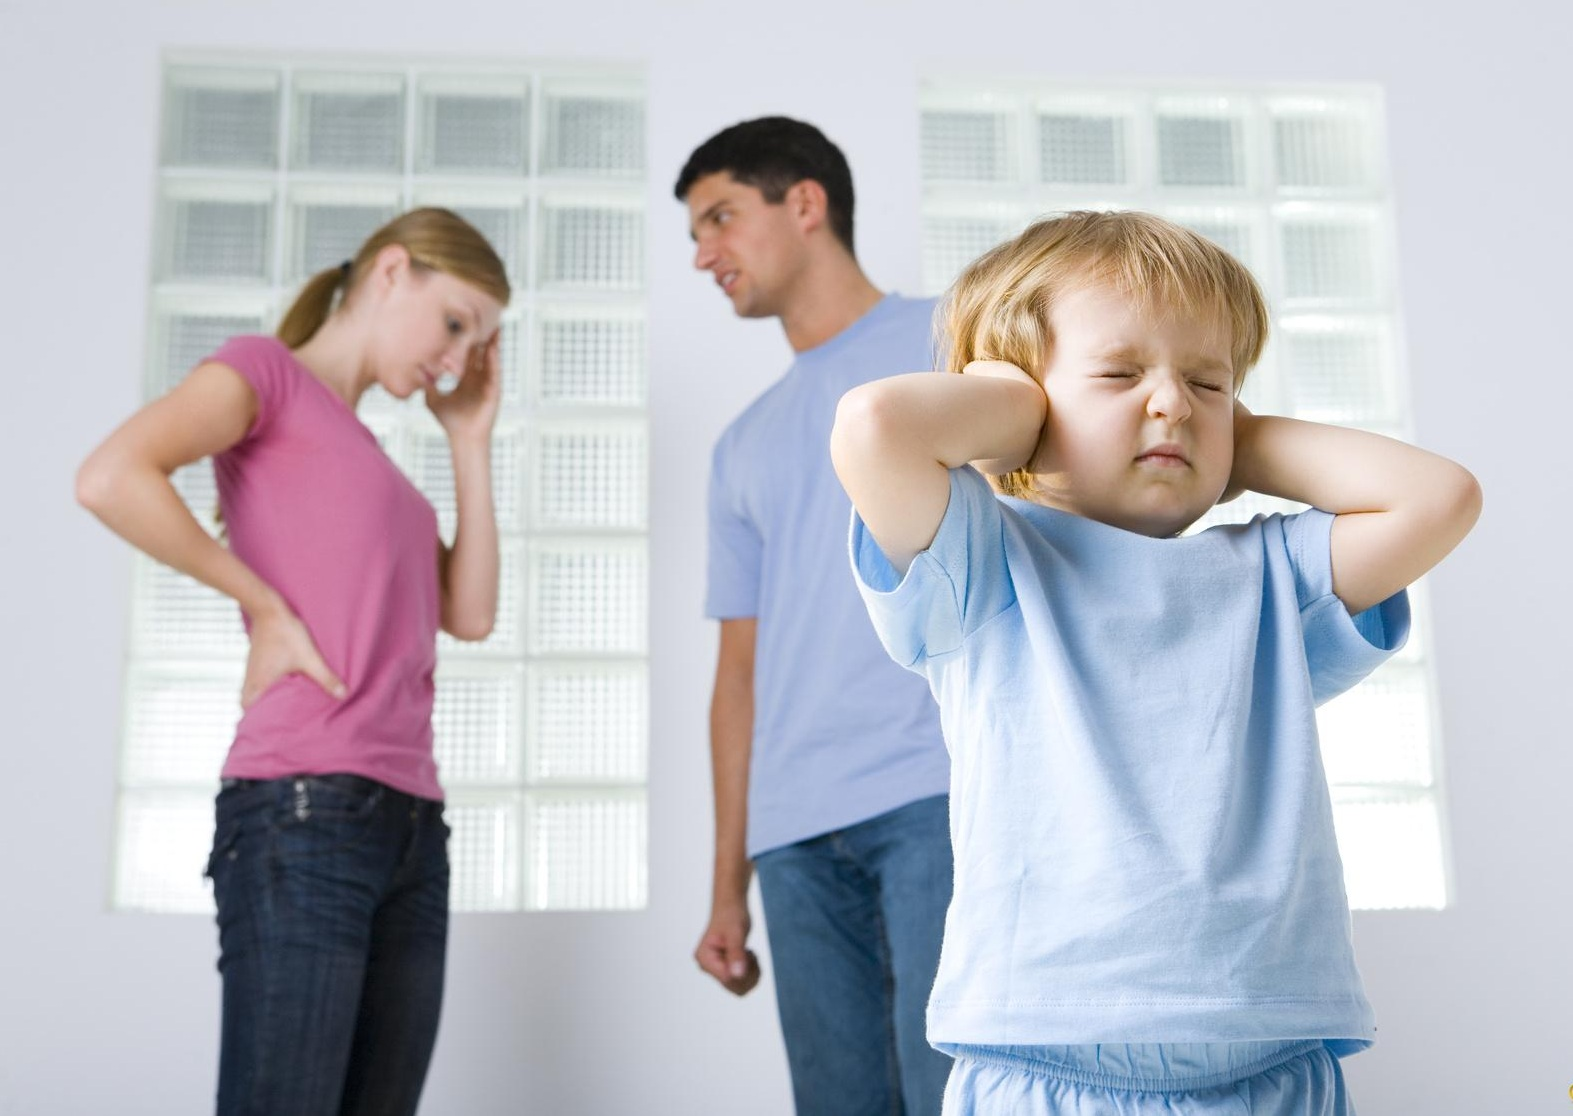 Конфликтные отношения между родителями и детьми